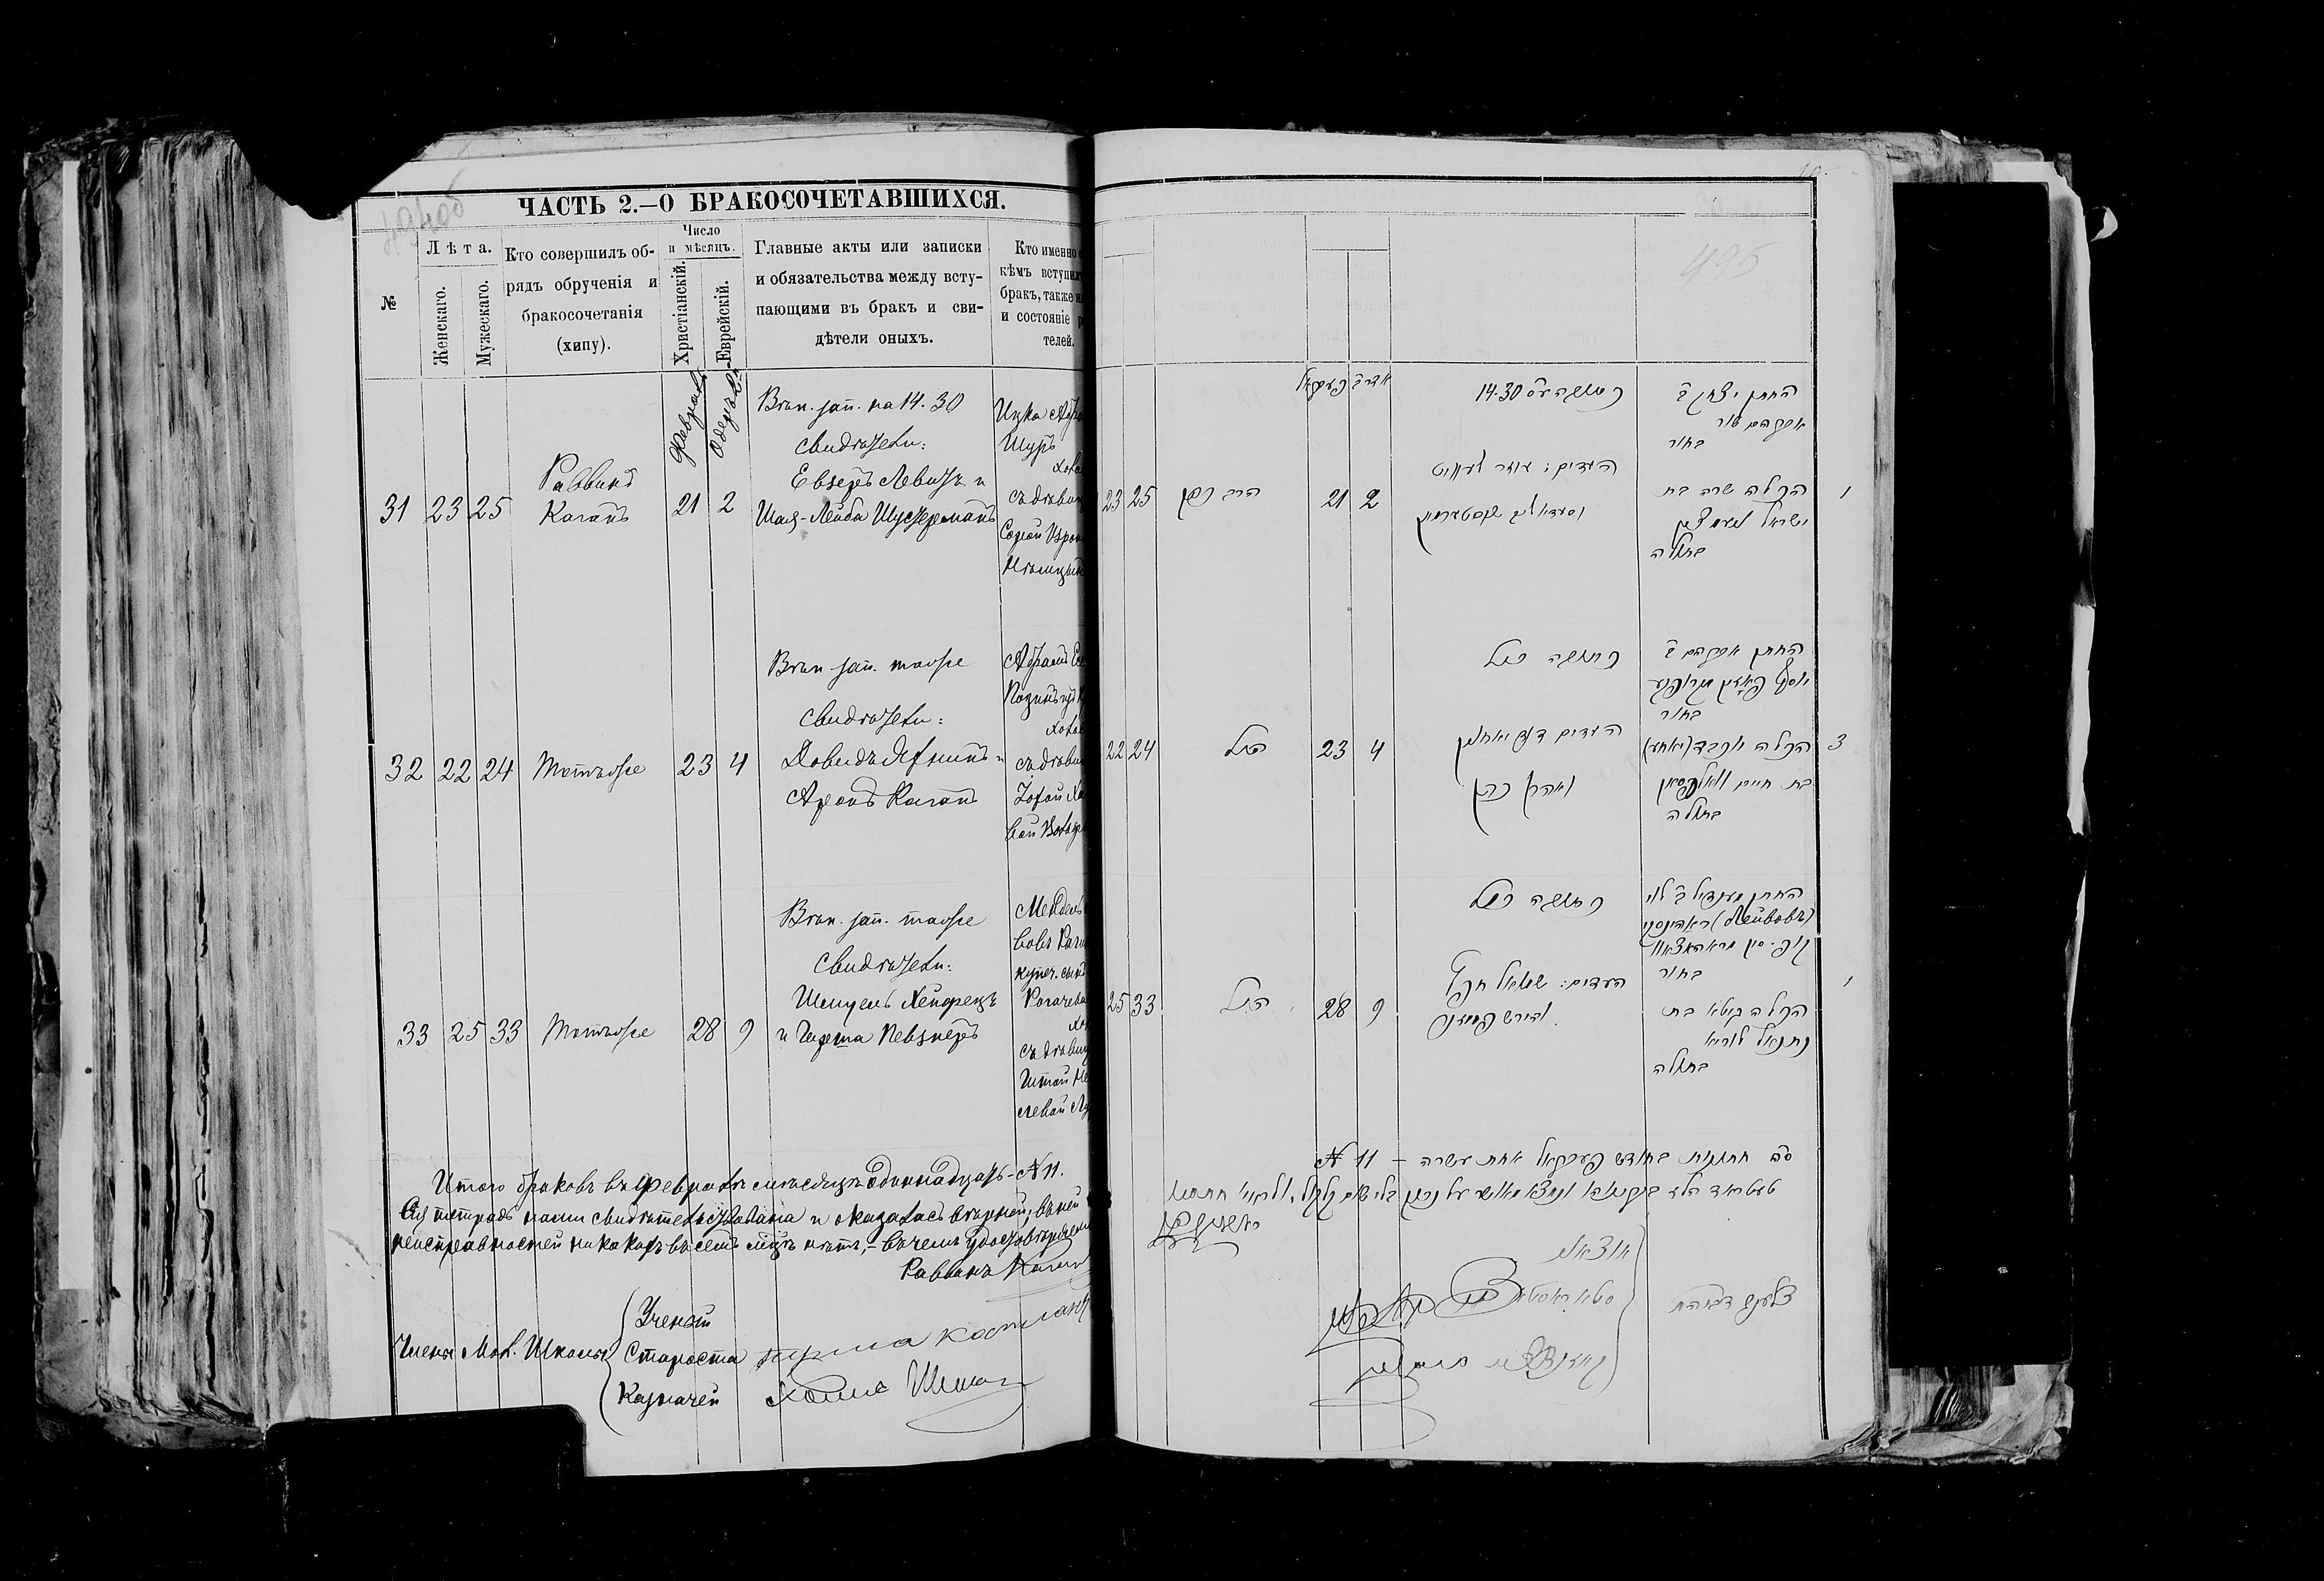 Ицка Абрамович Шур и Сора Мемцын 21 февраля 1889, запись 31, пленка 007766484, снимок 778